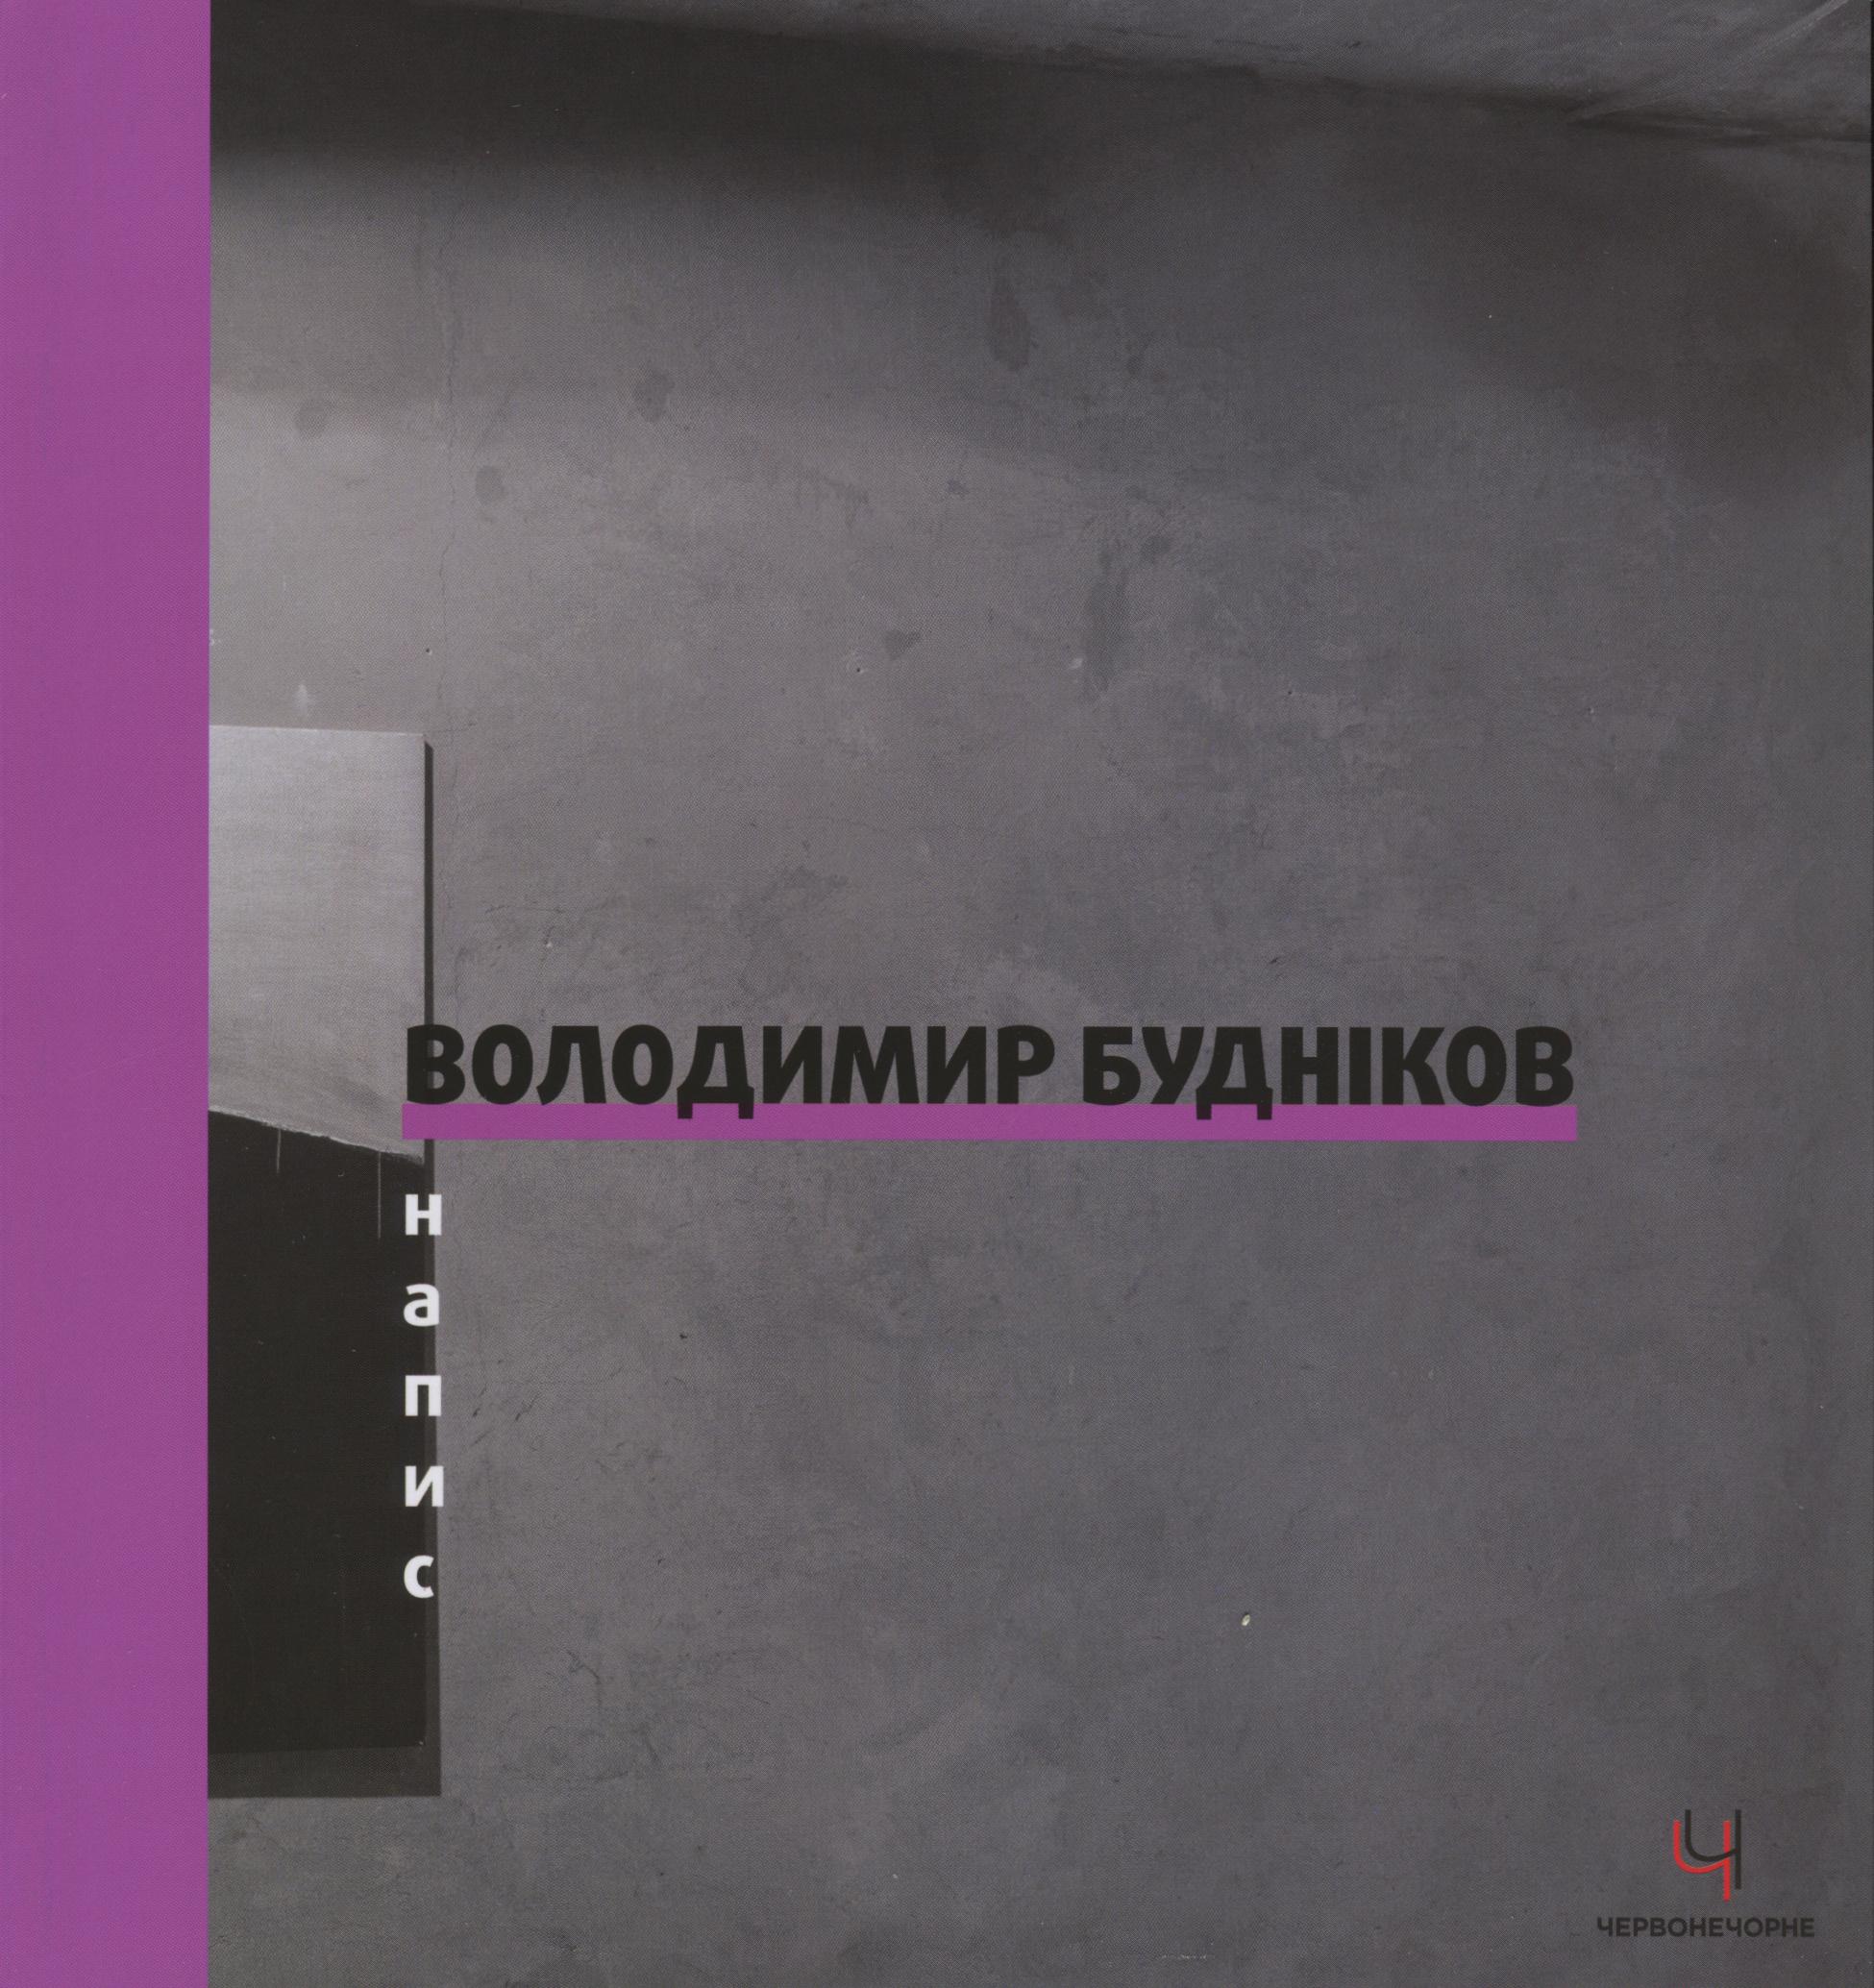 Володимир Будніков. Напис